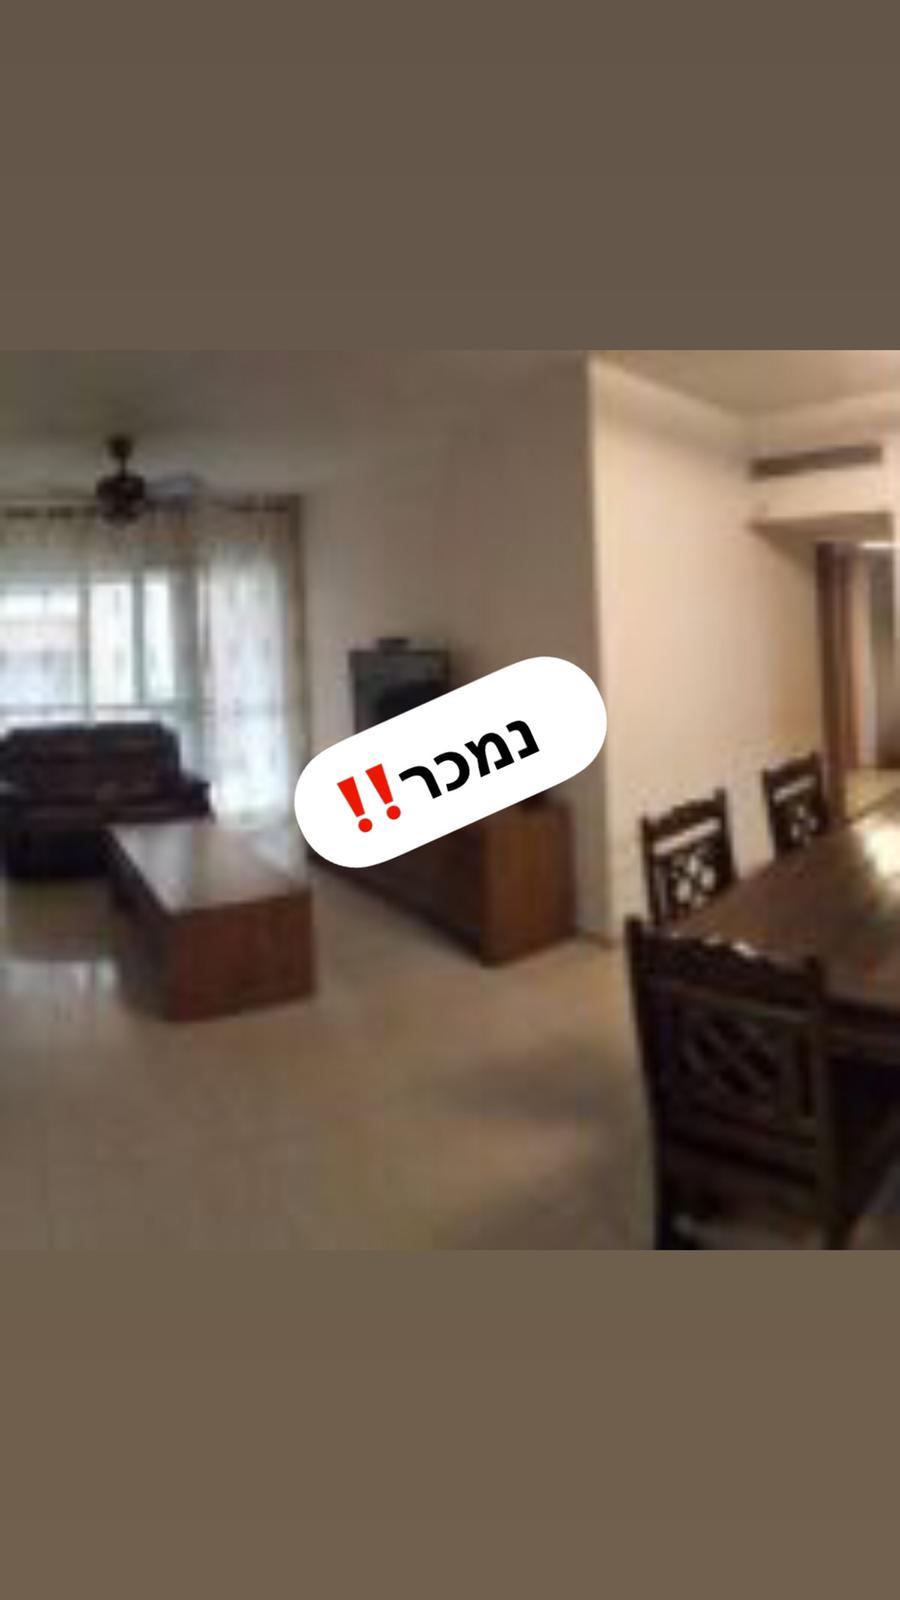 דירה למכירה באלימלך רימלט רעננה נמכר!